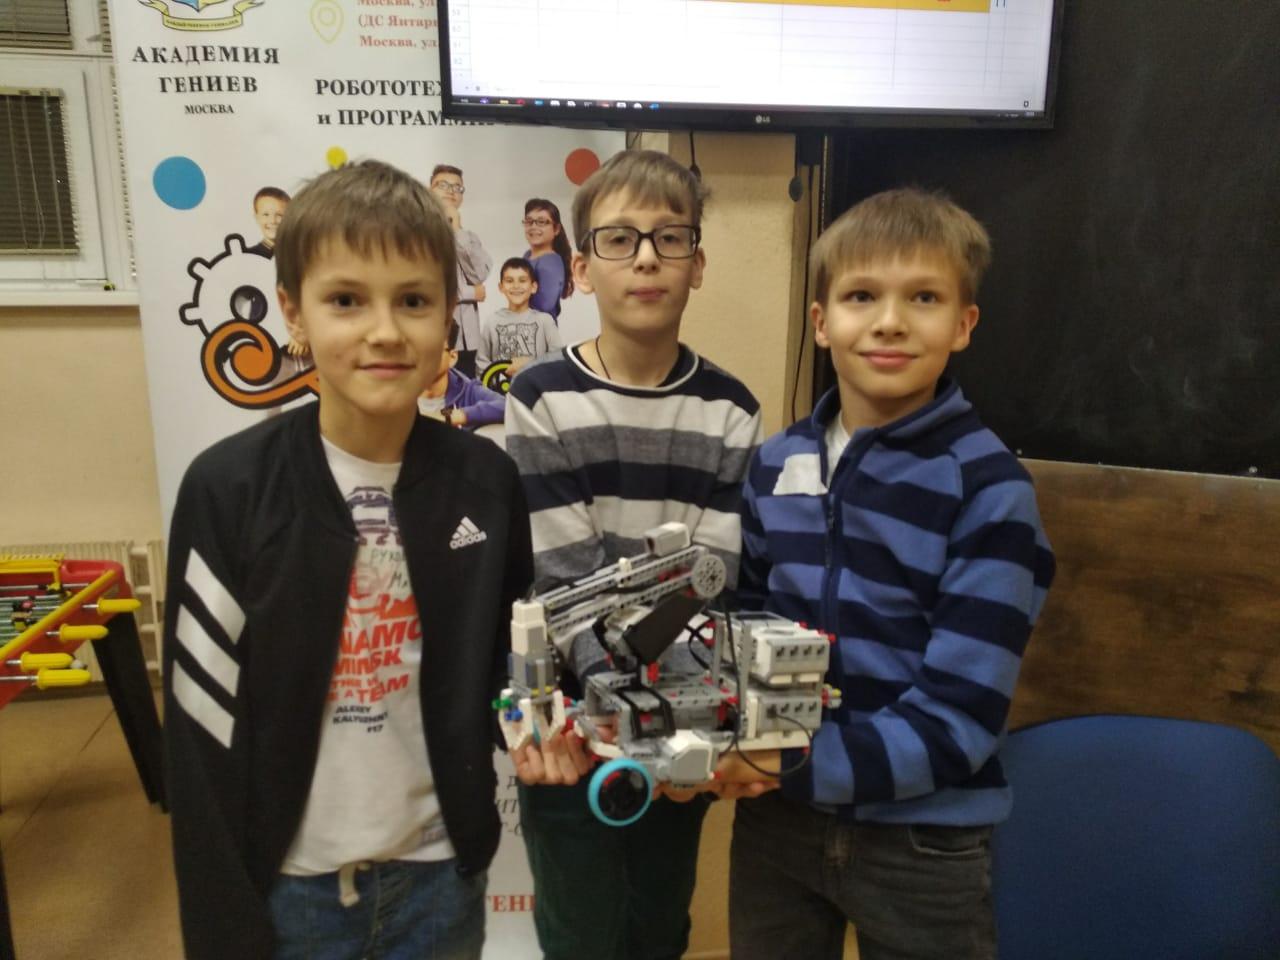 Курсы робототехники и программирования для детей в Москве